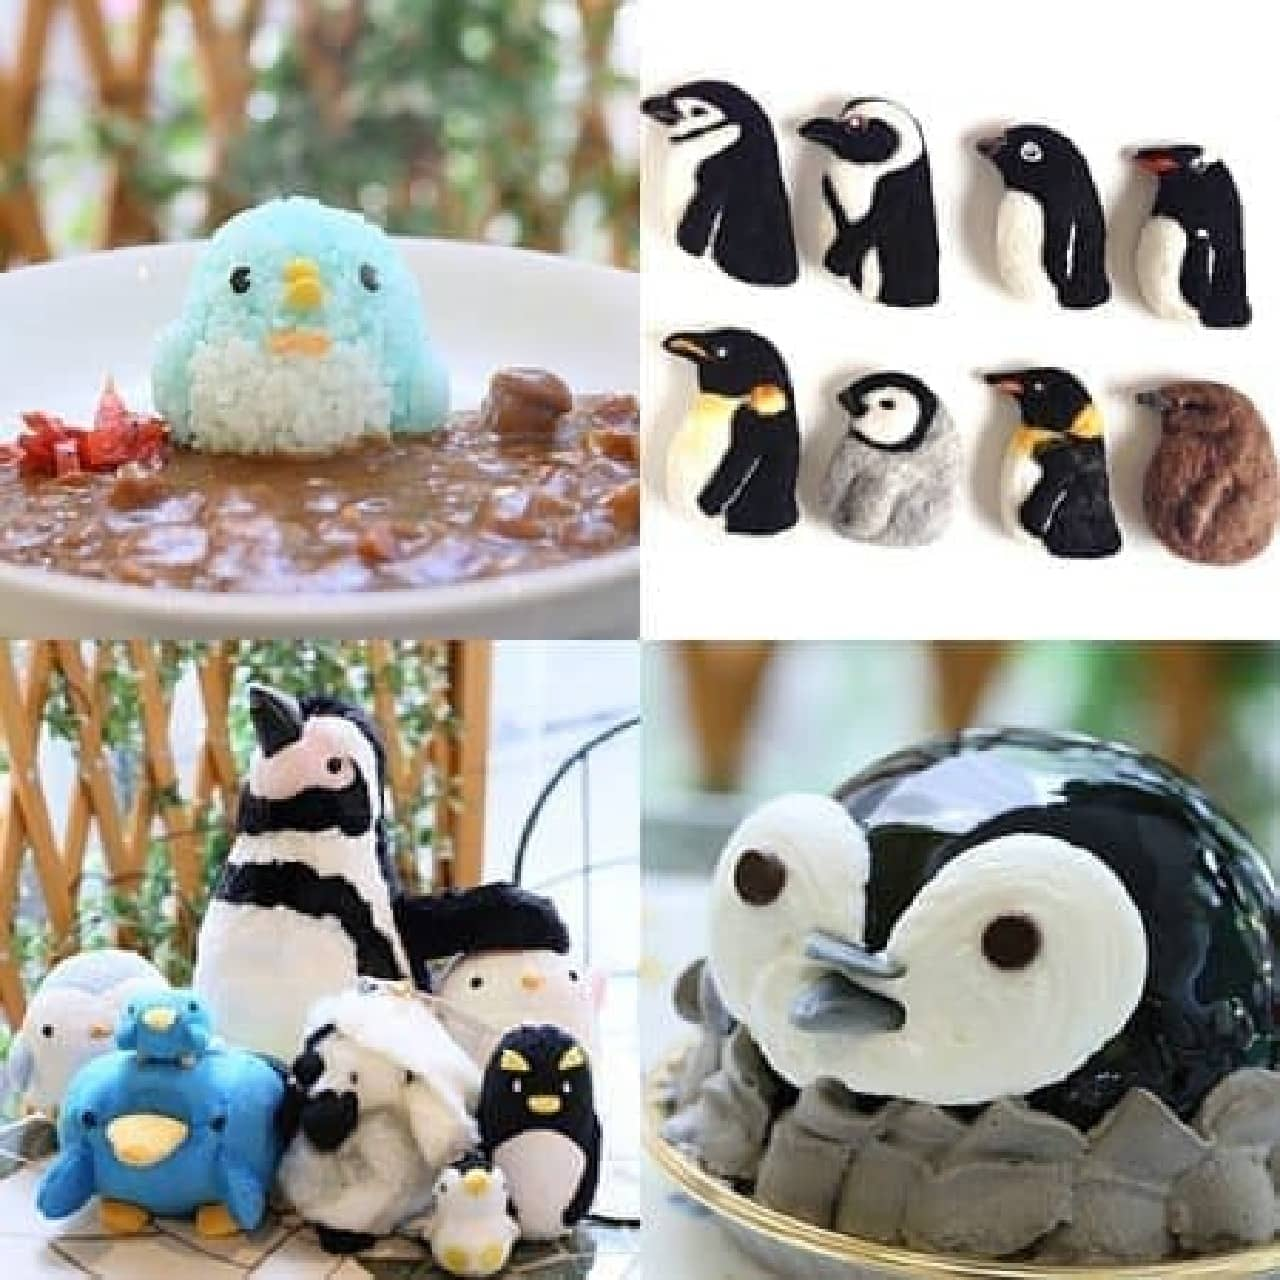 ペンギンケーキに、ペンギンカレーも